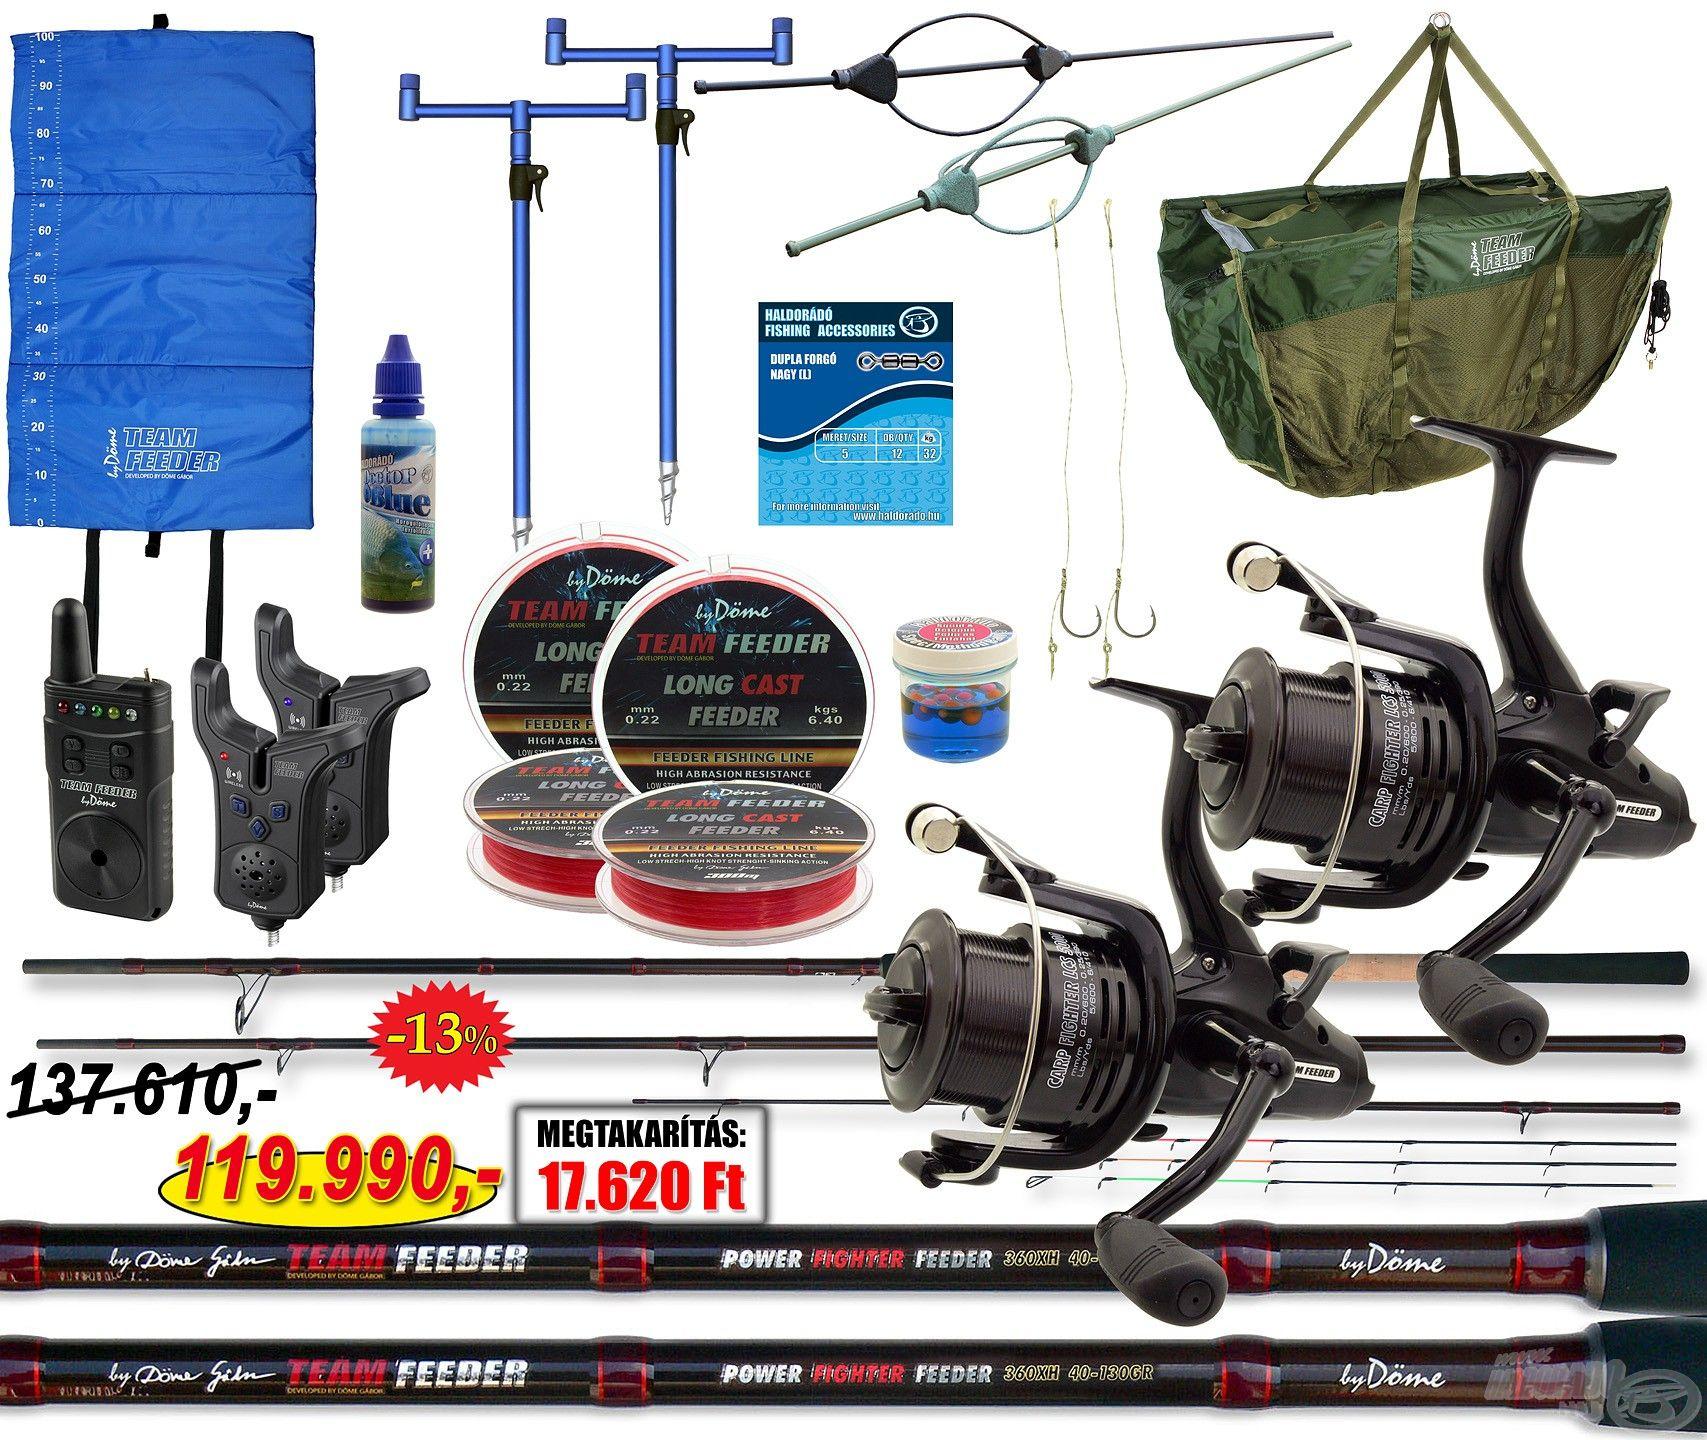 Egy komplett nagyhalas feeder páros szett, melyben minden megtalálható, ami a horgászathoz kell!